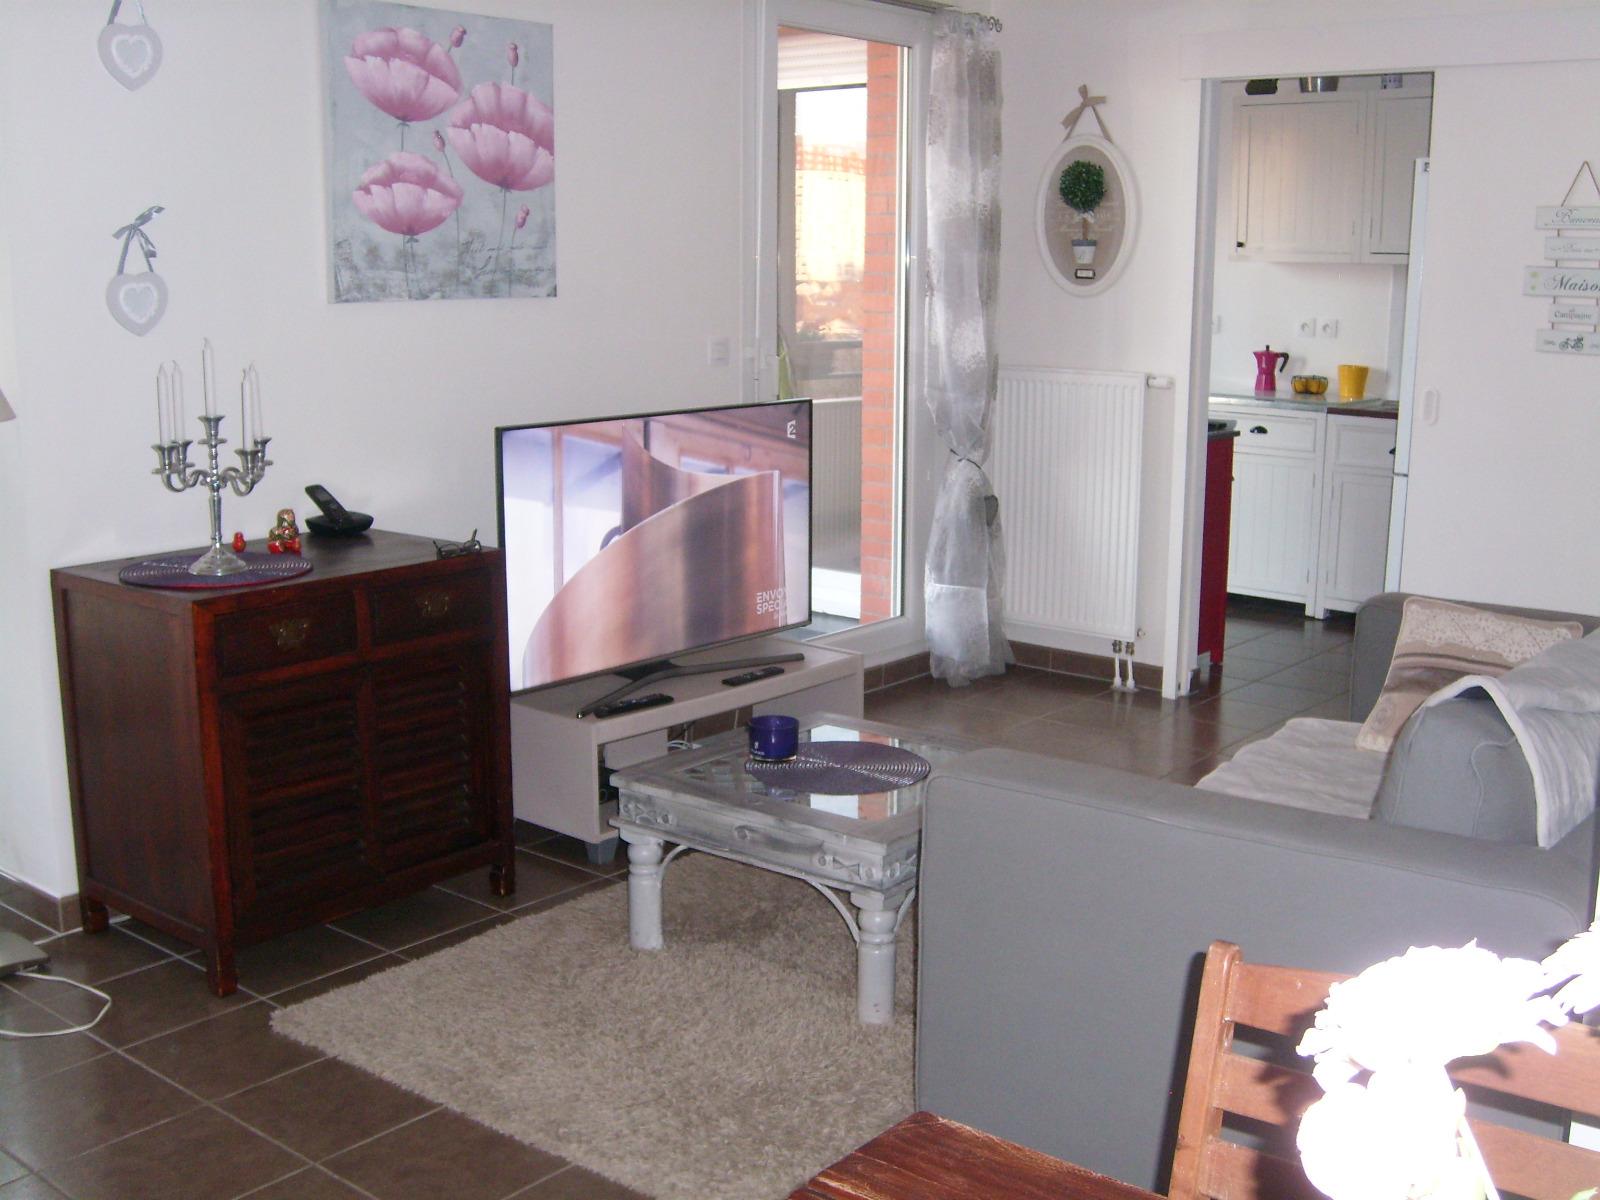 vente appartement f2 avec terrasse et place de parking au sous sol. Black Bedroom Furniture Sets. Home Design Ideas